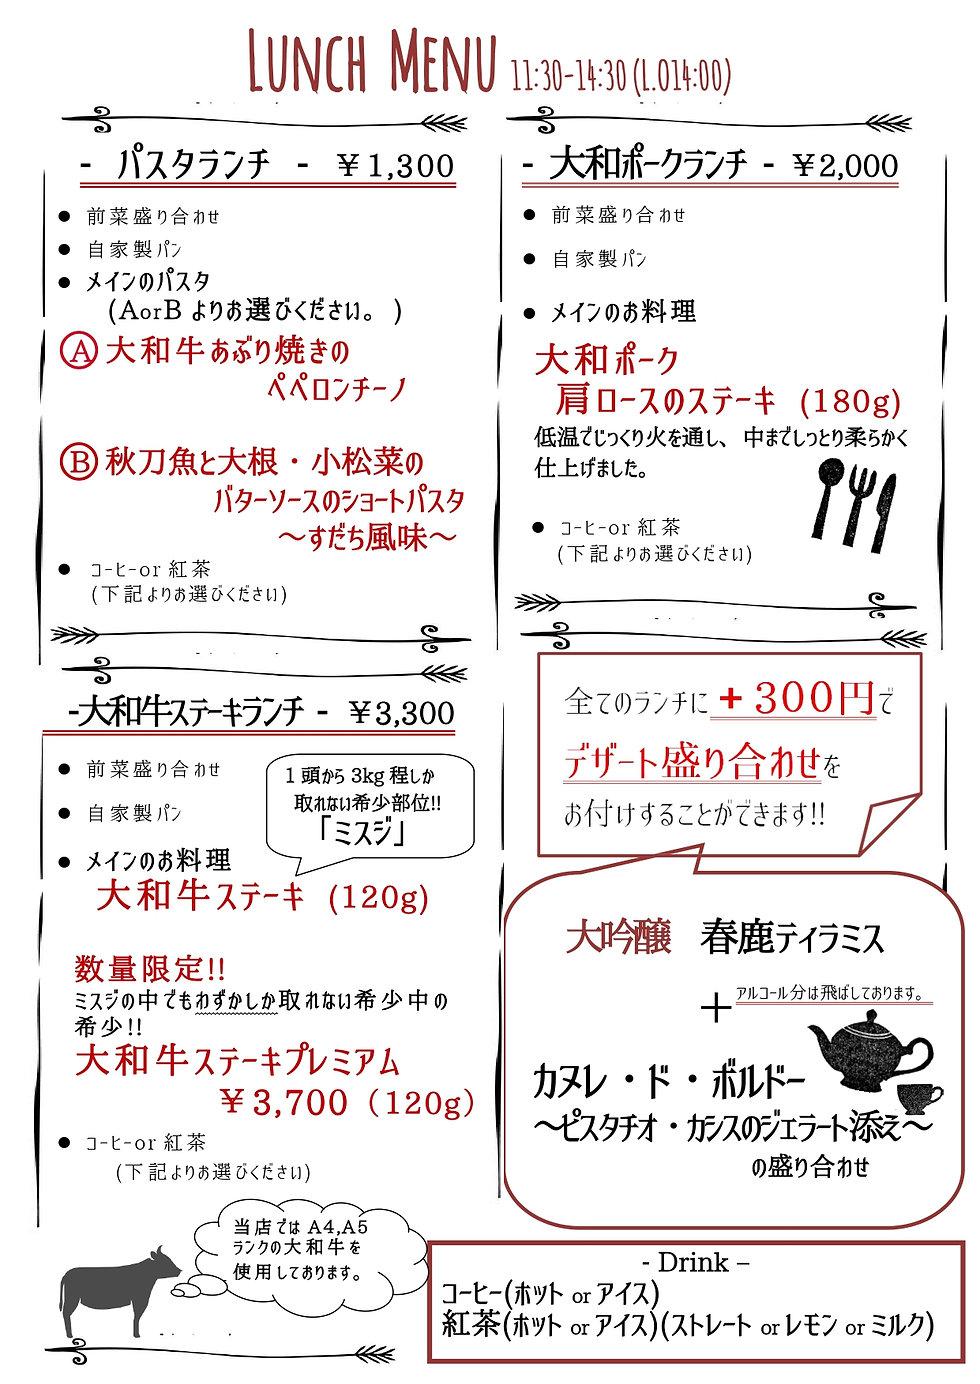 ランチメニュー 訂正版 10.20 _page-0001.jpg